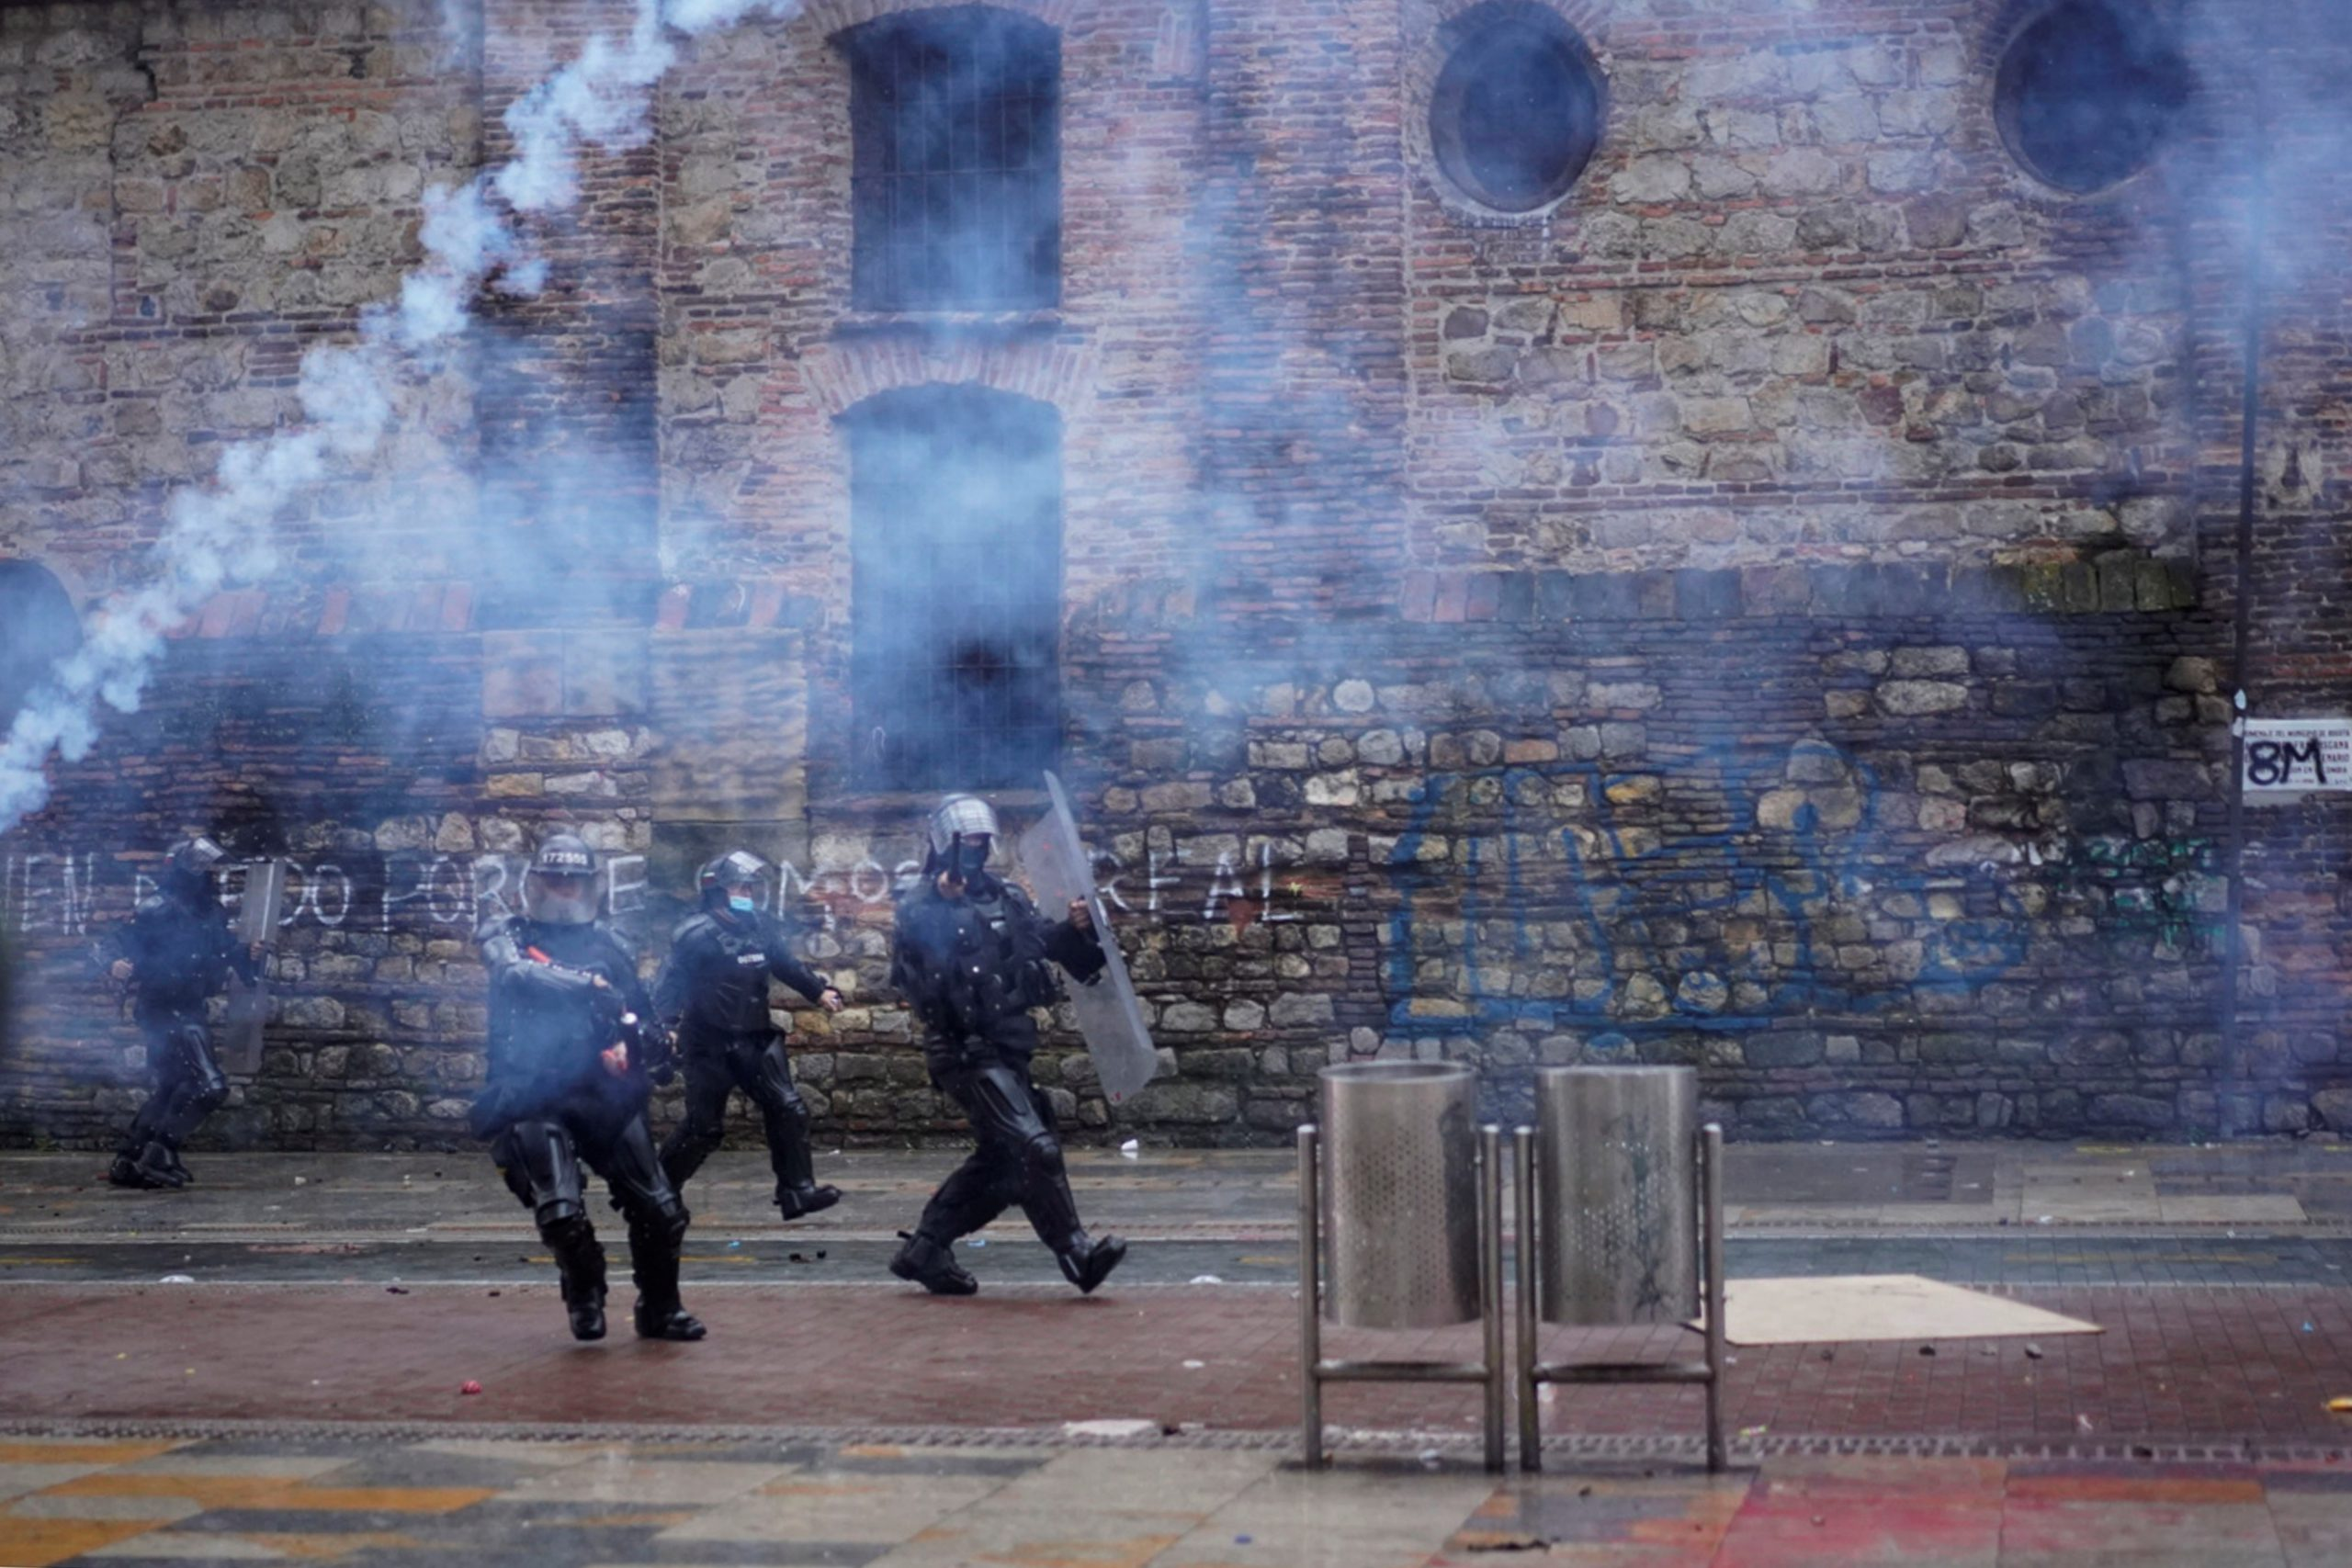 Miembros del ESMAD enfrentan manifestantes al finalizar una nueva jornada de movilizaciones, en el centro de Bogotá, Colombia. Foto de EFE/ Juan Páez.